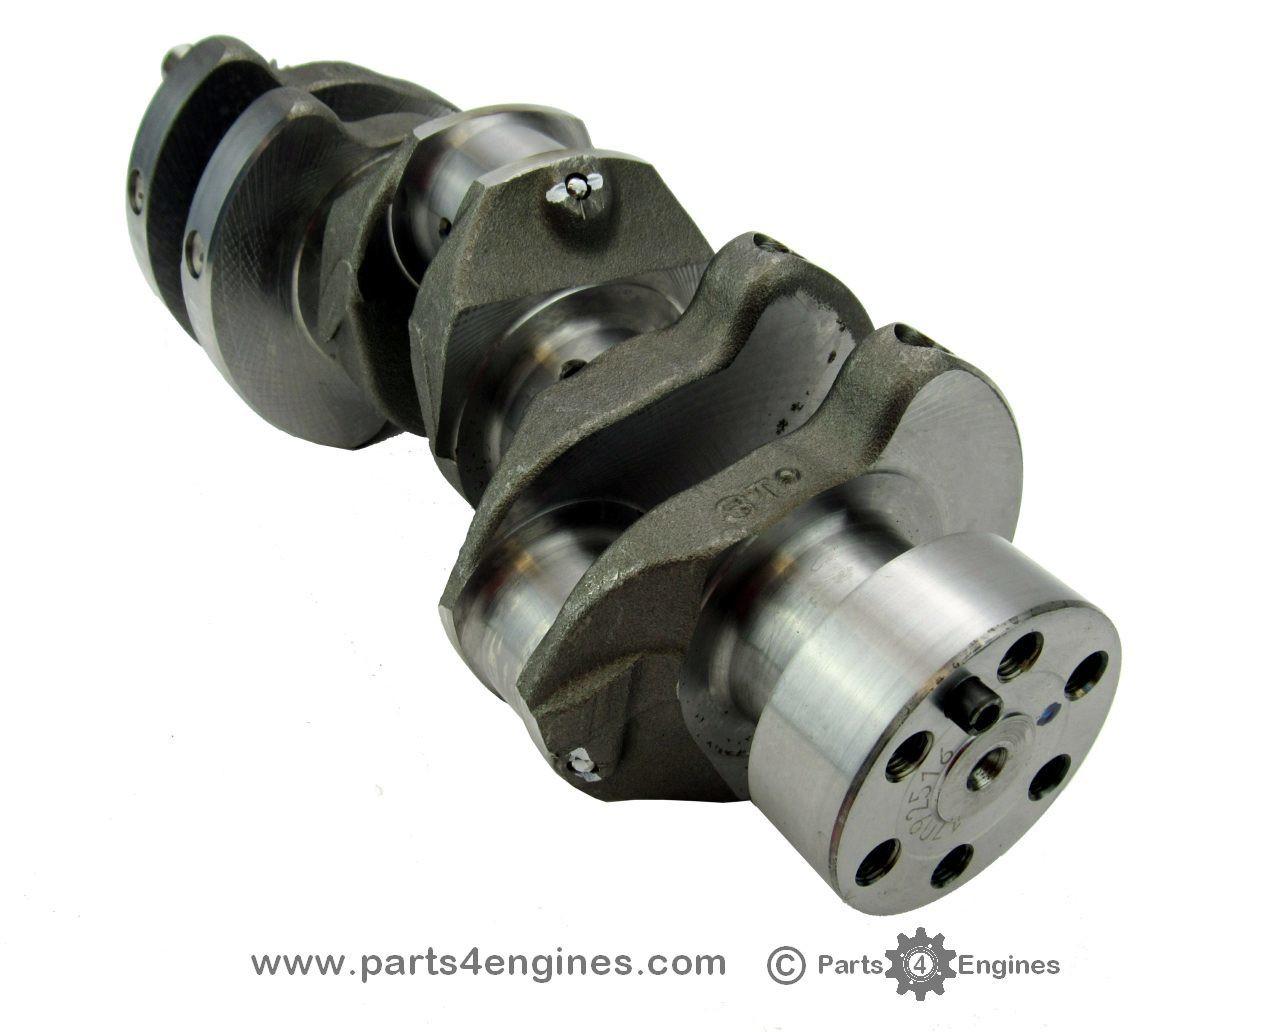 Perkins Perama M30 Crankshaft Kit